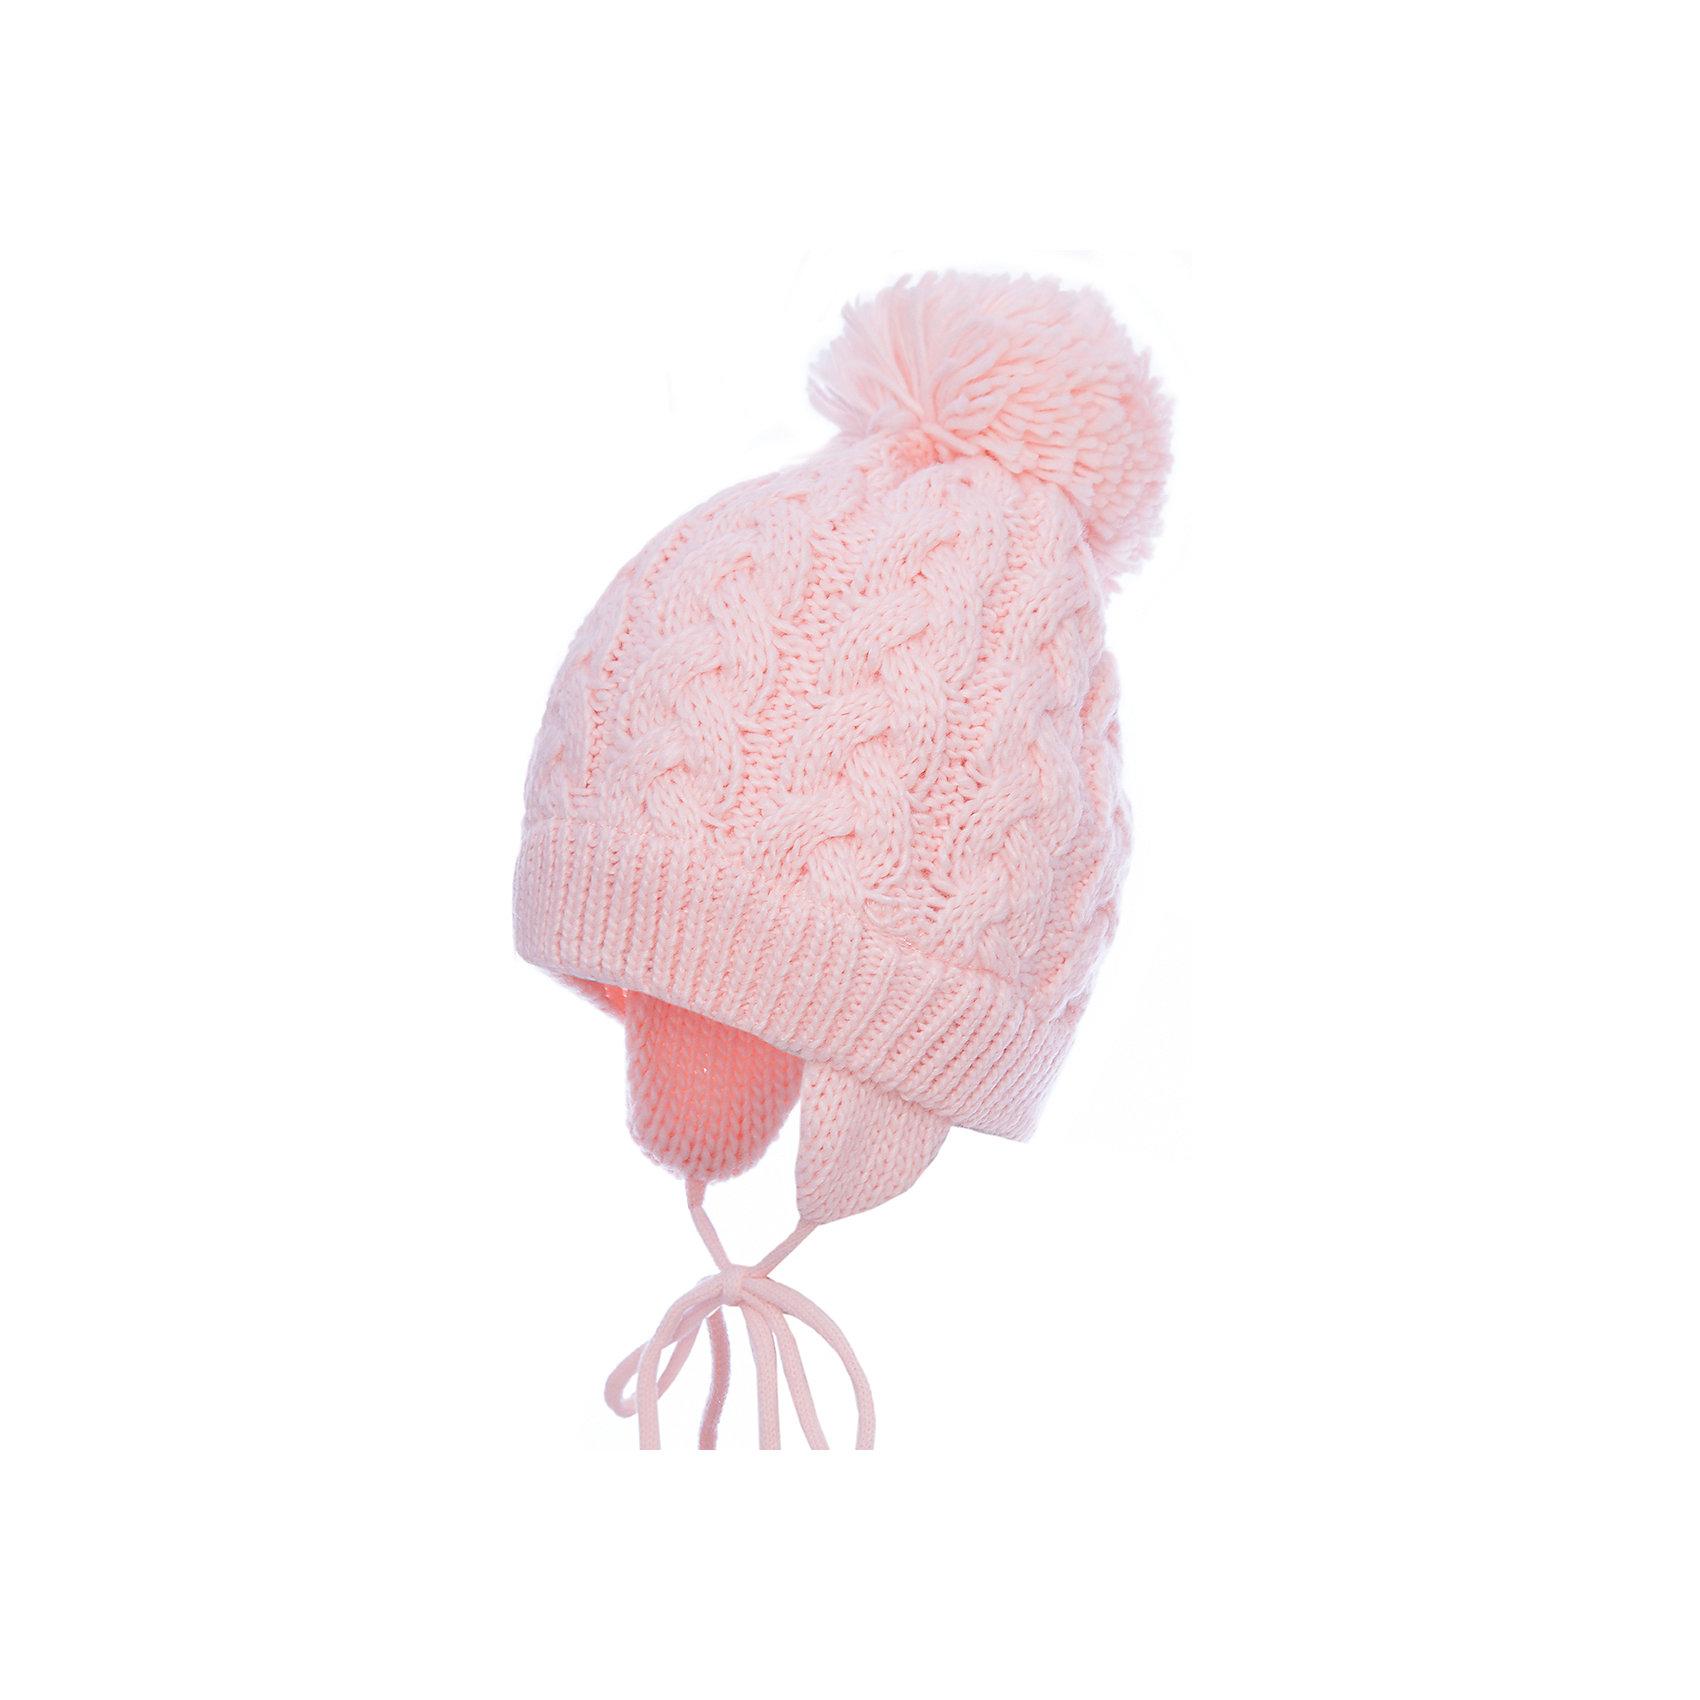 Шапка PlayToday для девочкиГоловные уборы<br>Шапка PlayToday для девочки<br>Вязаная шапка всегда актуальна в зимнем гардеробе ребенка. Модель на подкладке из теплого флиса. Шапка на завязках, плотно прилегает к голове, комфортна при носке. Декорирована большим помпоном.<br>Состав:<br>Верх: 100% акрил,  подкладка: 100% полиэстер<br><br>Ширина мм: 89<br>Глубина мм: 117<br>Высота мм: 44<br>Вес г: 155<br>Цвет: белый<br>Возраст от месяцев: 72<br>Возраст до месяцев: 84<br>Пол: Женский<br>Возраст: Детский<br>Размер: 54,50,52<br>SKU: 7115793